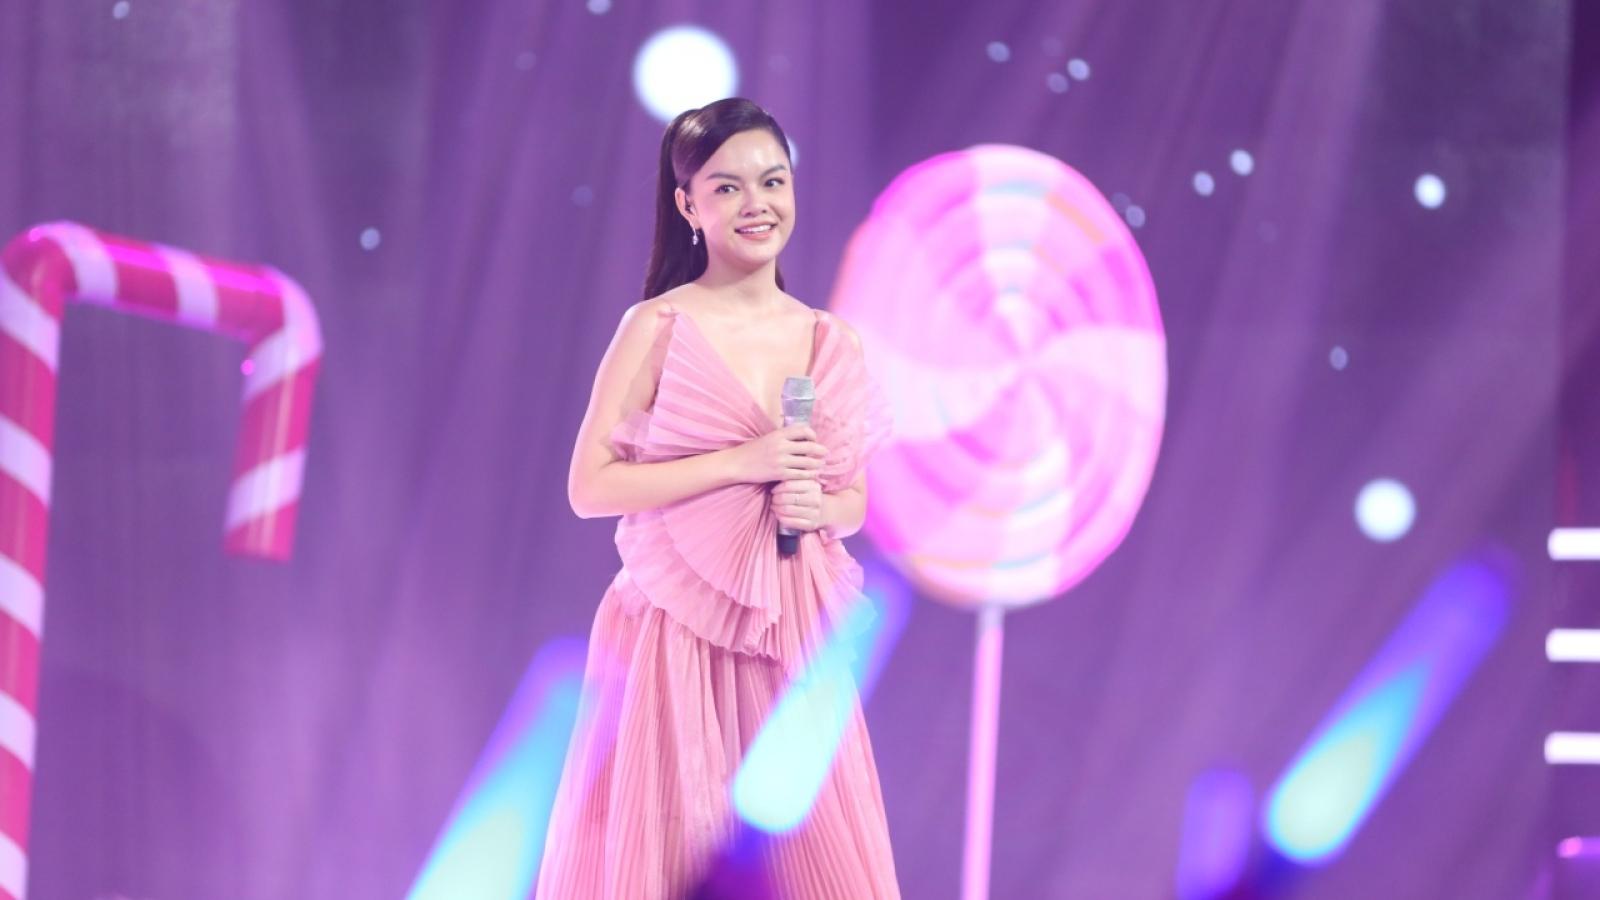 Phạm Quỳnh Anh - Nữ ca sĩ dùng âm nhạc để xoa dịu nỗi đau